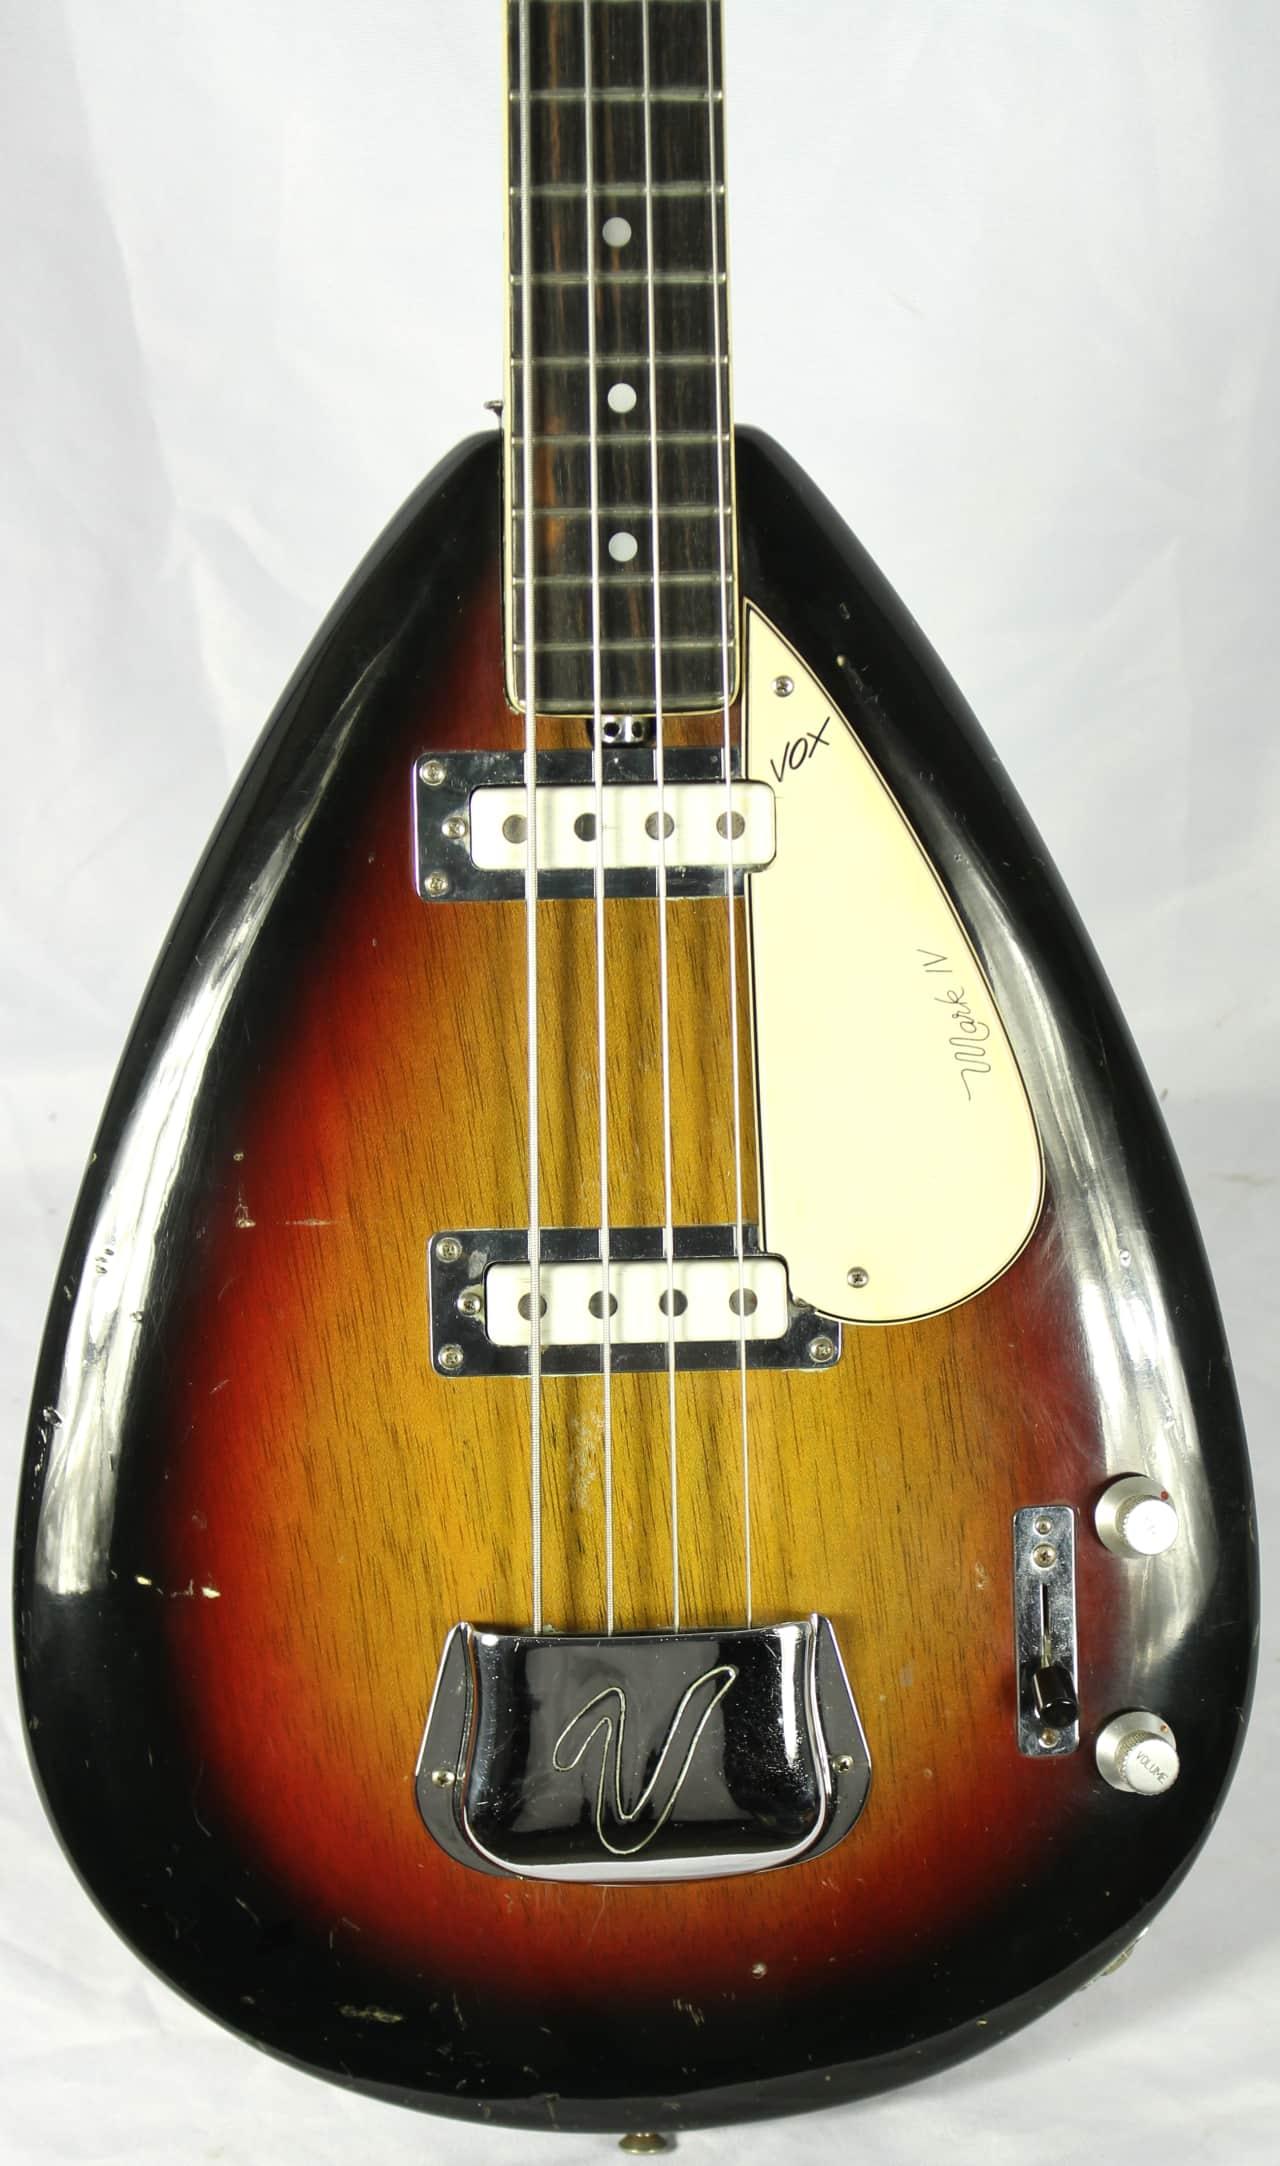 vox mark iv 4 string electric bass guitar w ohsc 1960 39 s reverb. Black Bedroom Furniture Sets. Home Design Ideas